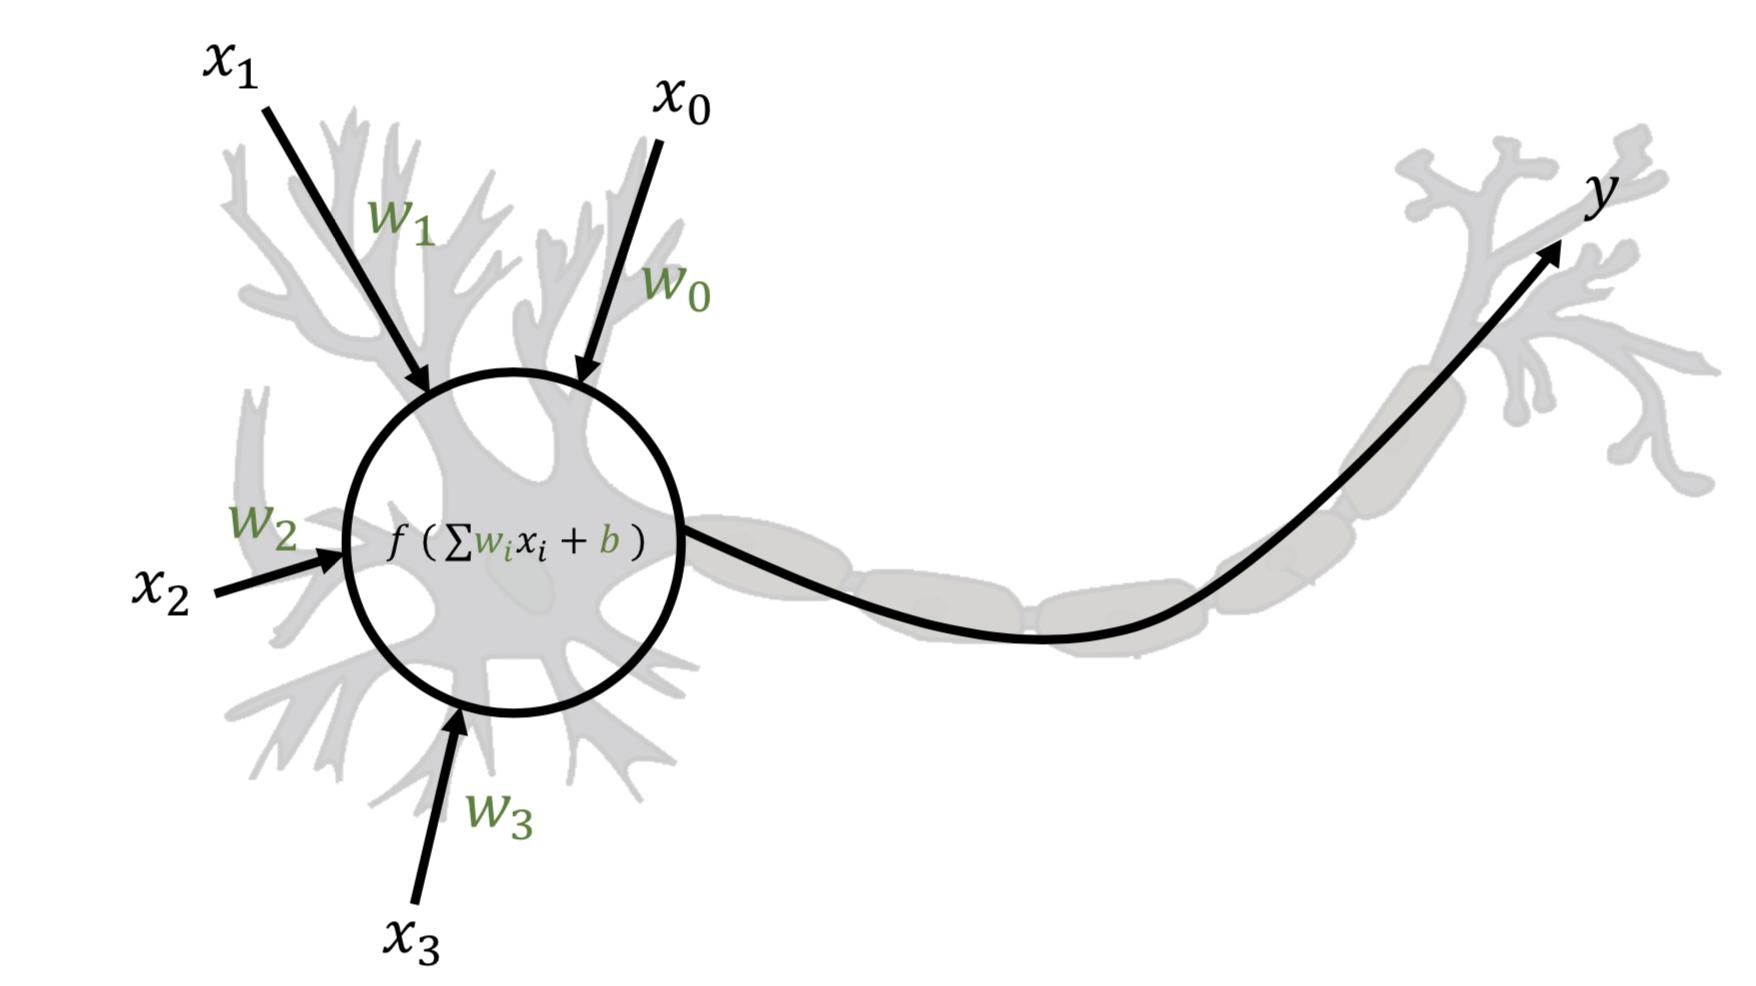 Schéma d'un neurone informatique superposé à un schéma de neurone biologique